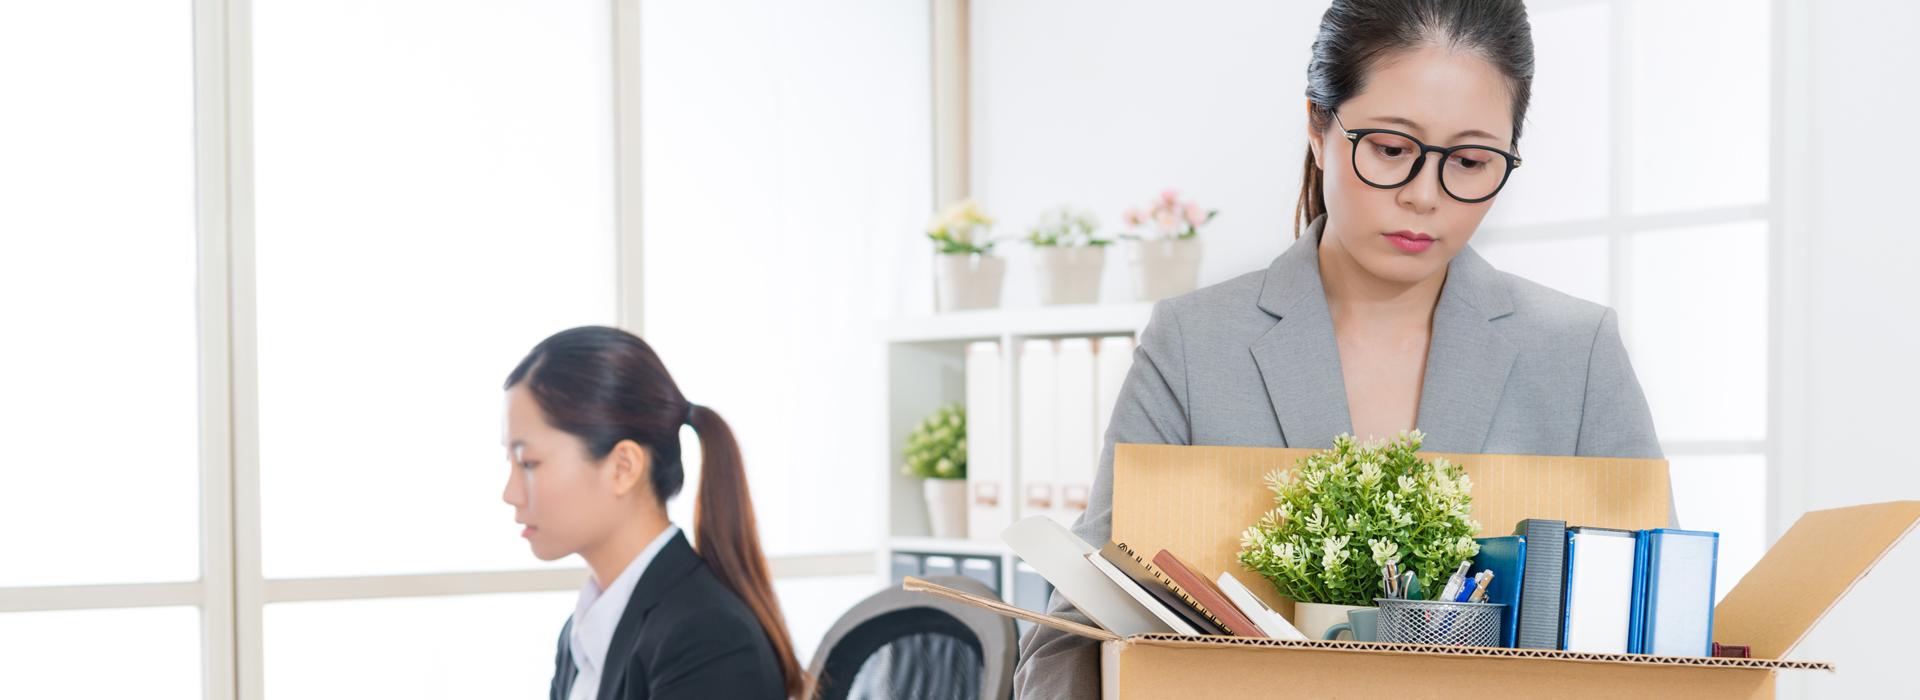 離職一定是薪水太低?錯!主管才是留住人才的最大關鍵